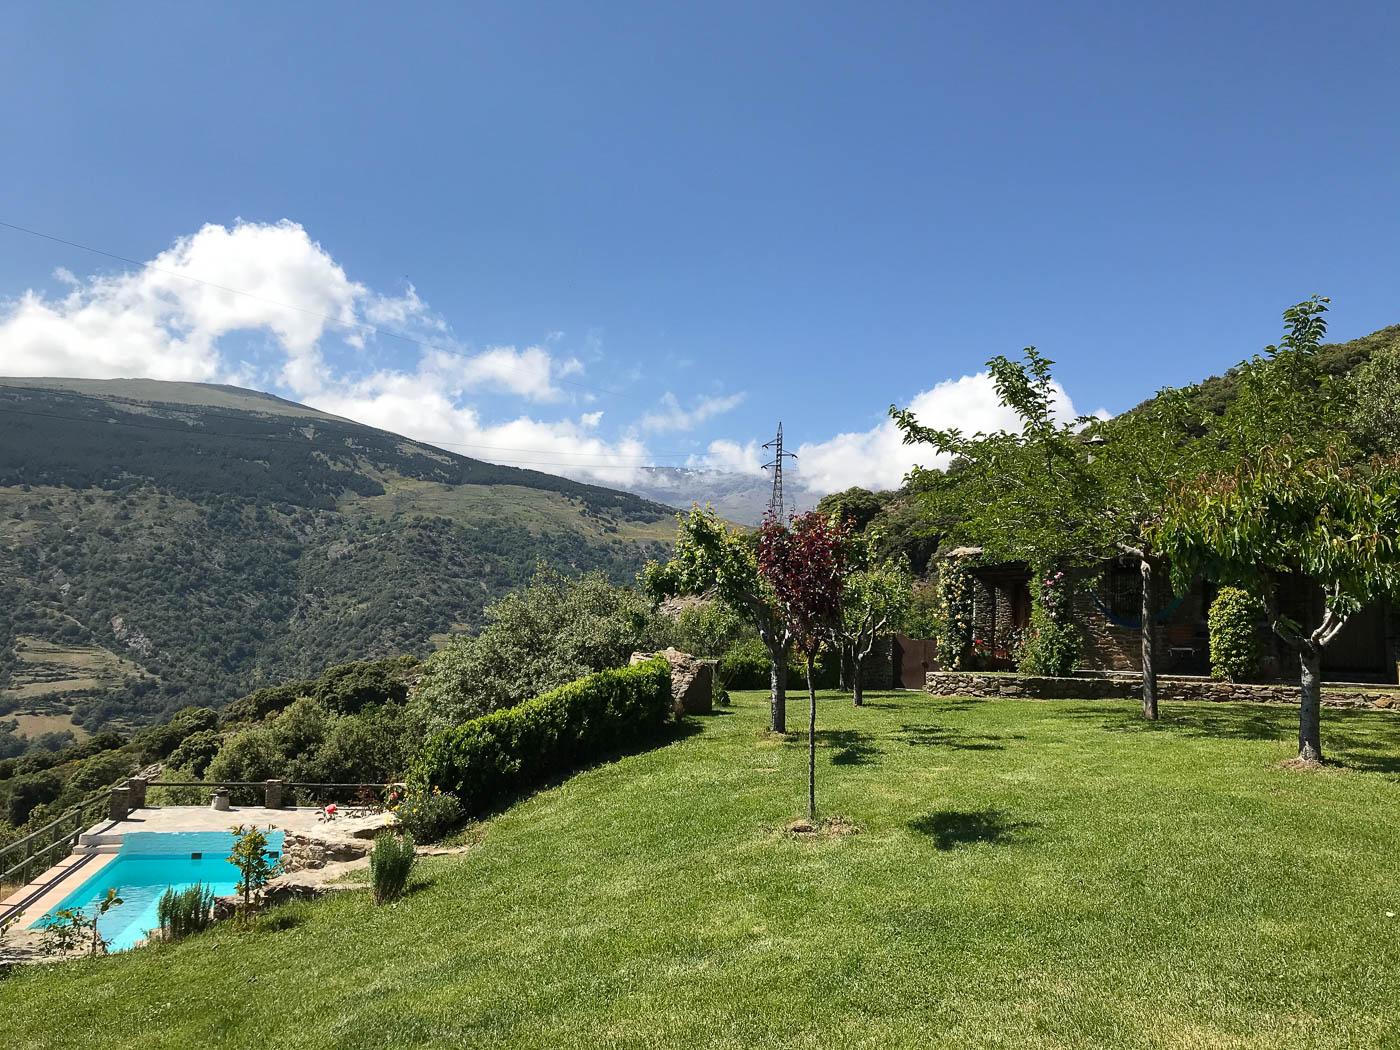 Cortijo en Las Alpujarras Granadinas - Capileira - En Venta